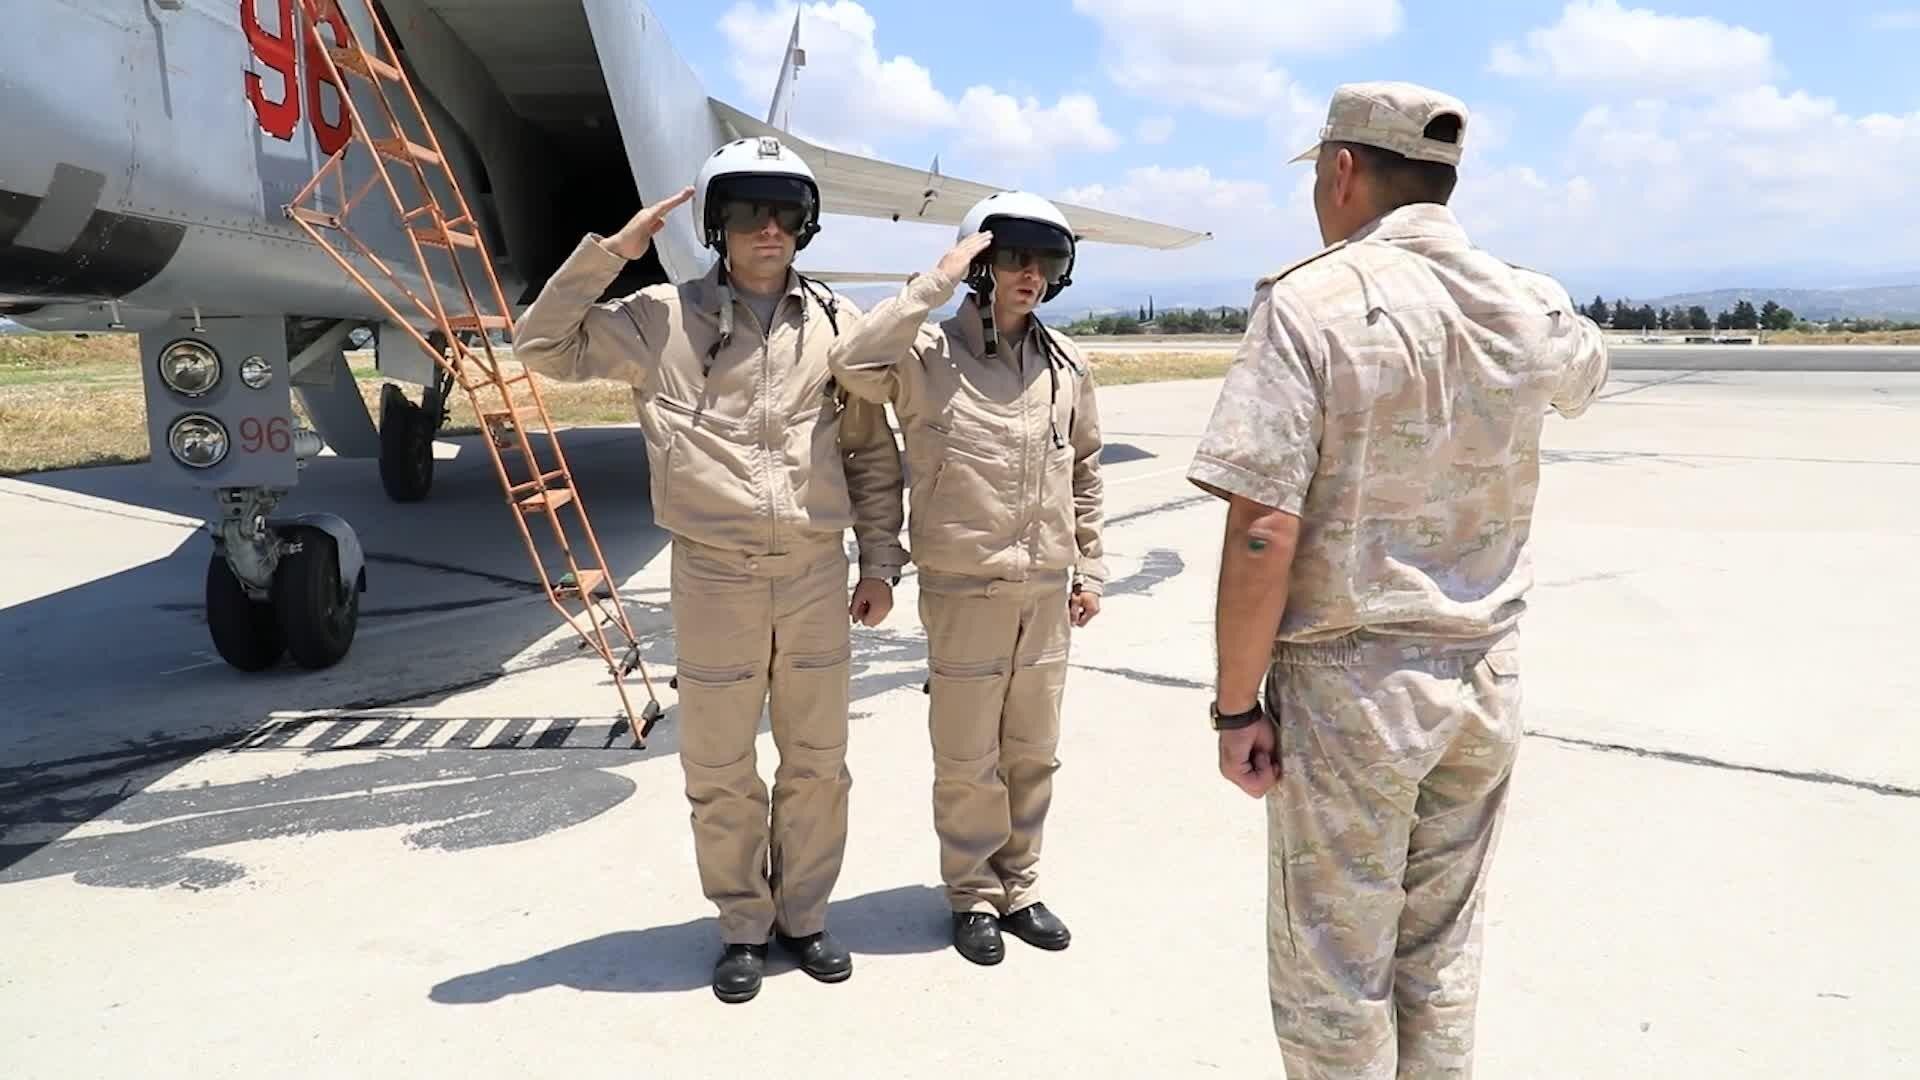 Pilotos de los cazas MiG-31K de las Fuerzas Aeroespaciales de Rusia en la base aérea de Hmeymim, Siria, el 25 de junio del 2021. - Sputnik Mundo, 1920, 01.07.2021